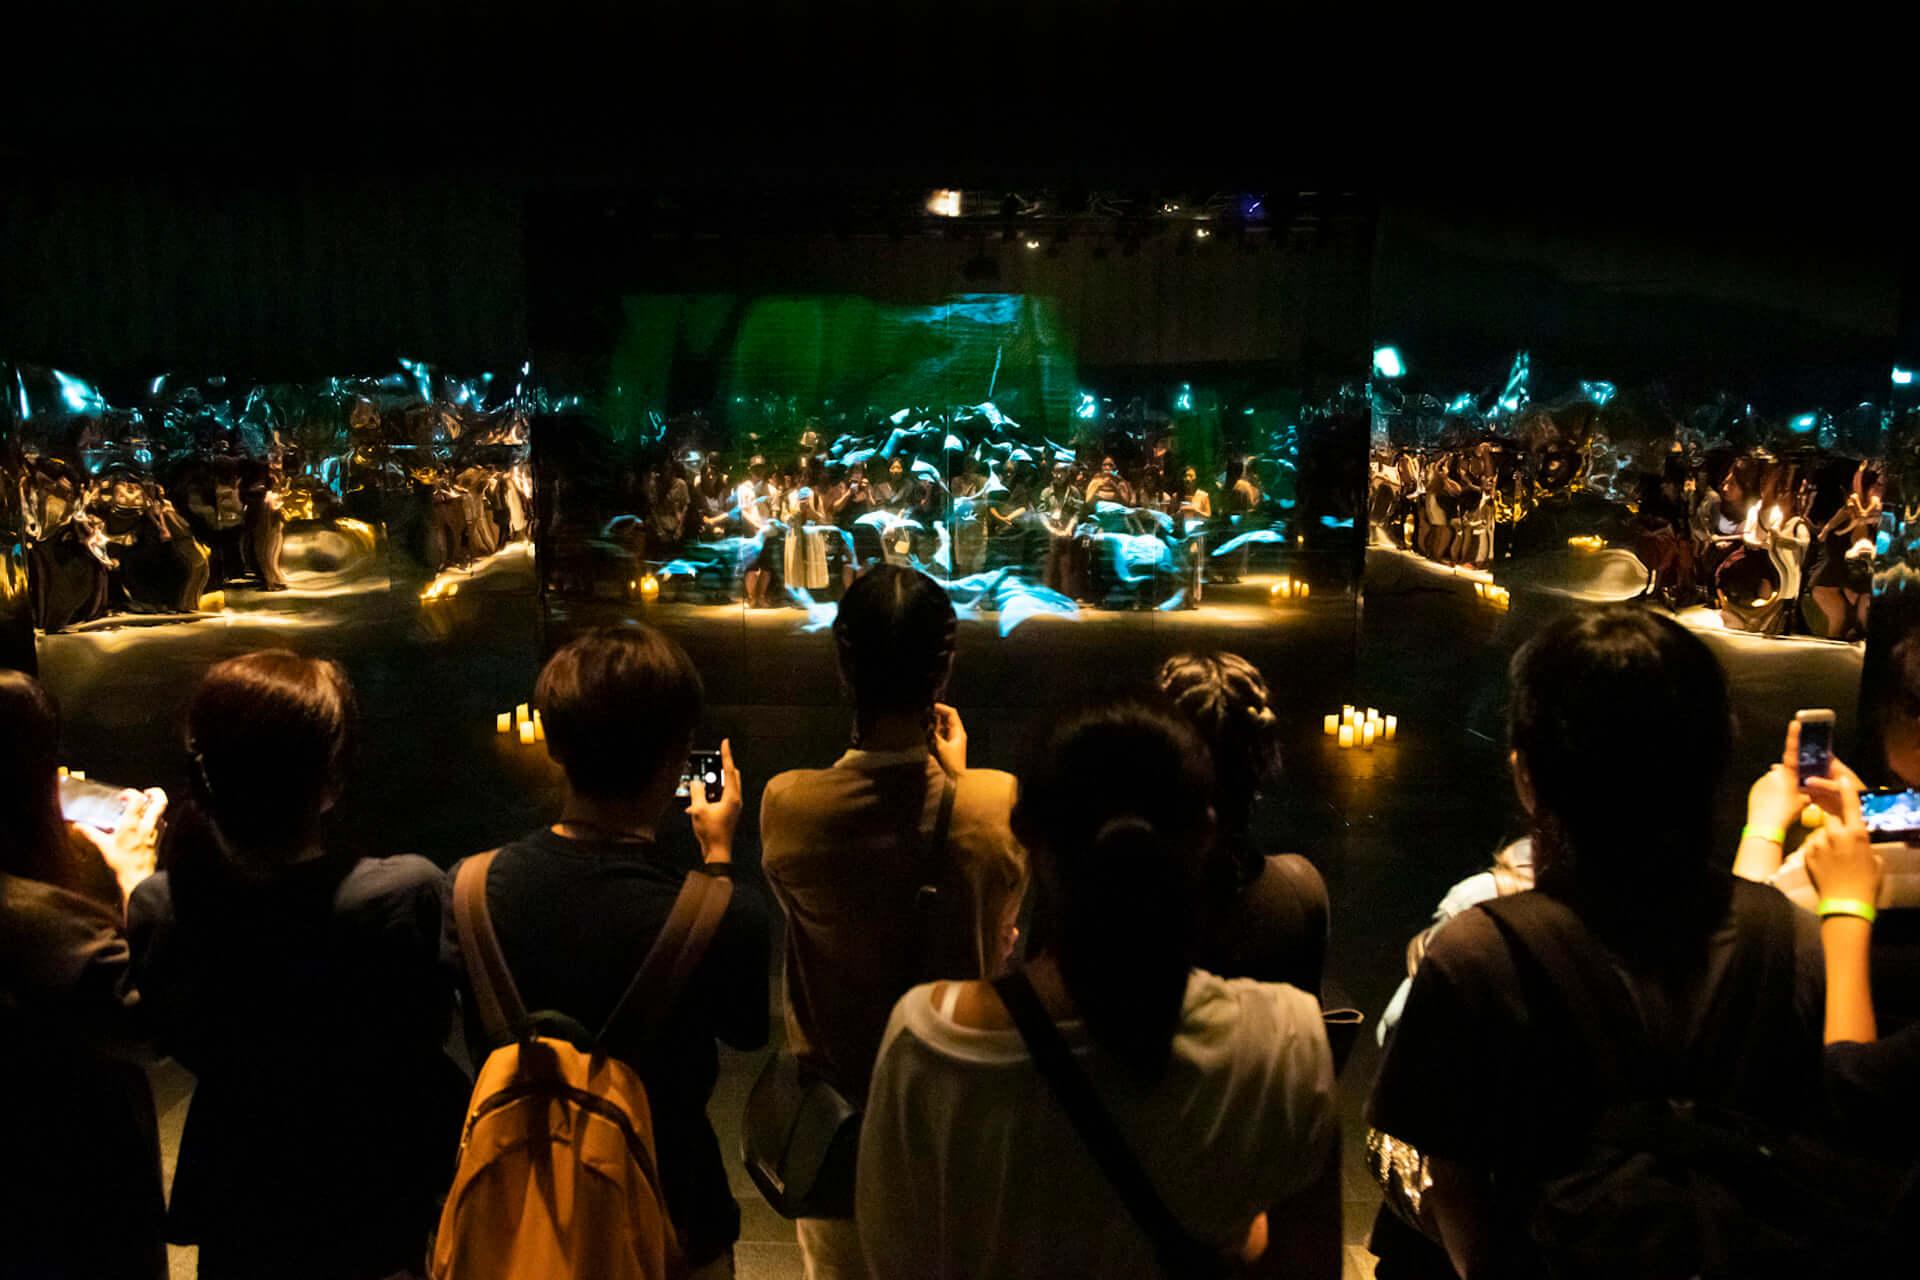 米津玄師「馬と鹿」MV、ついに解禁|<鏡の上映会>で観客とひとつに music190903_yonezukenshi_mv_9-1920x1280